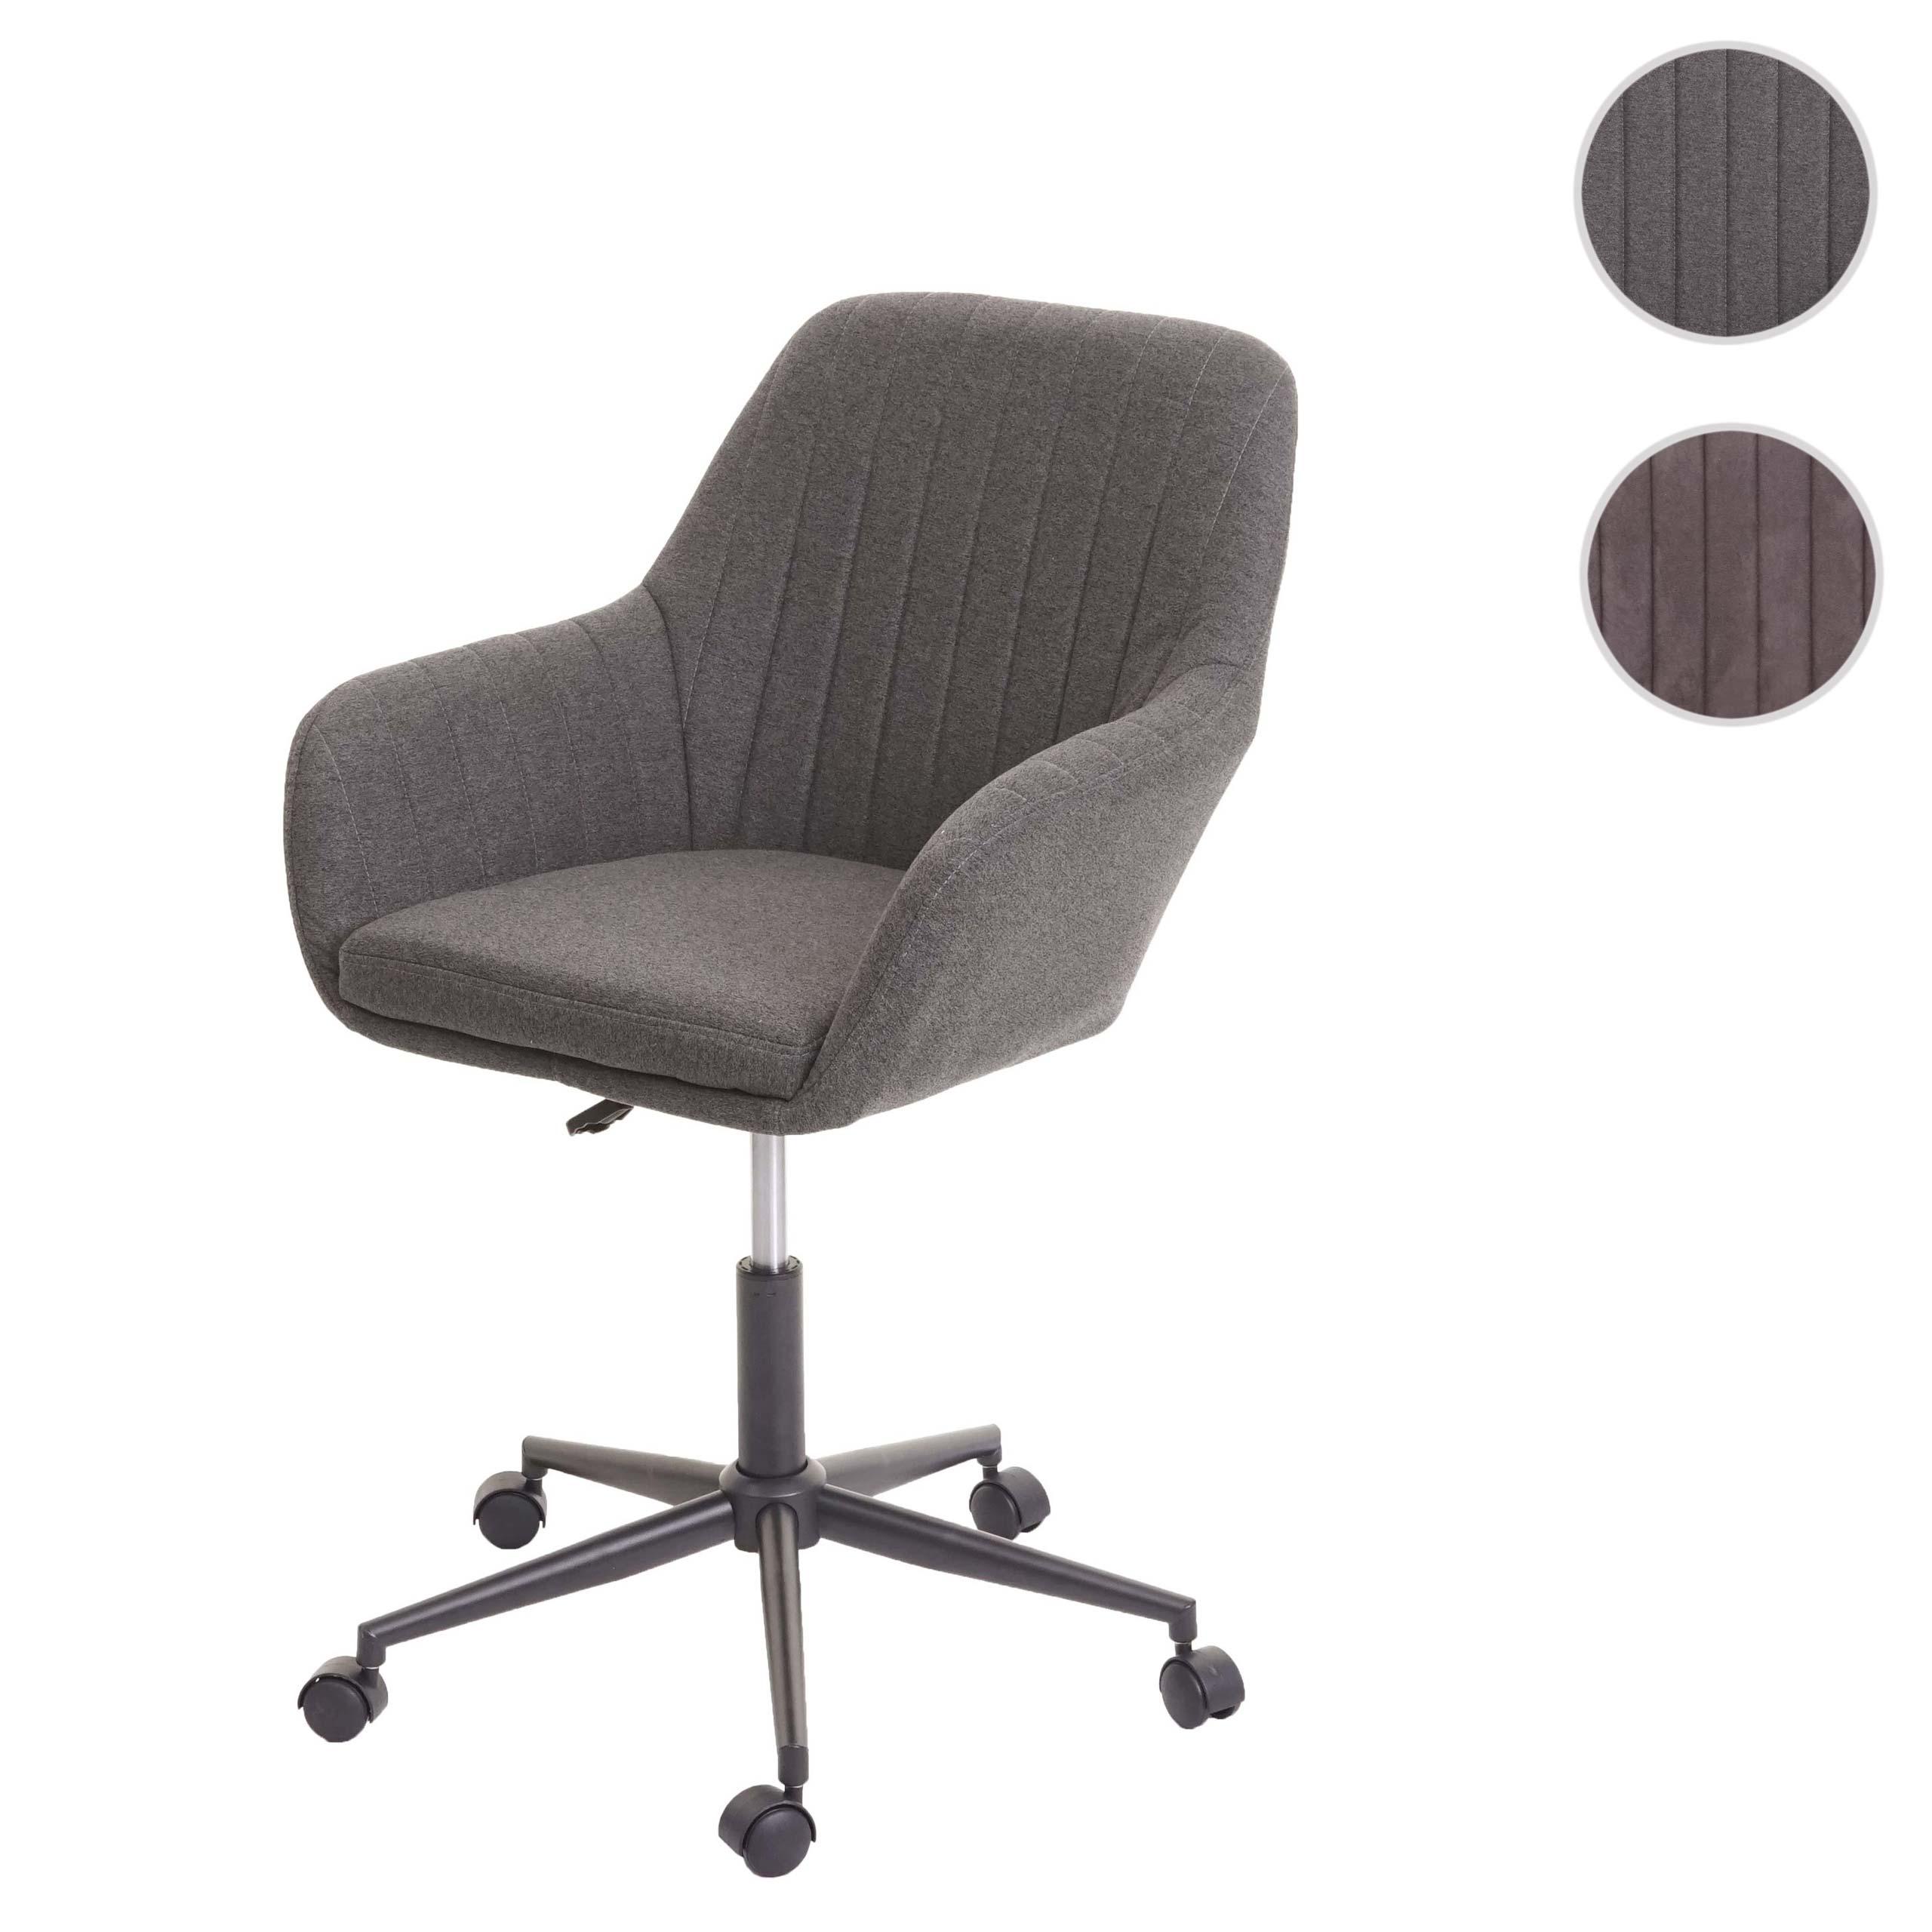 Mendler Bürostuhl HWC-D35, Drehstuhl Schreibtischstuhl Lehnstuhl Stuhl, Stoff/Textil mit Armlehne ~ Variante 72099